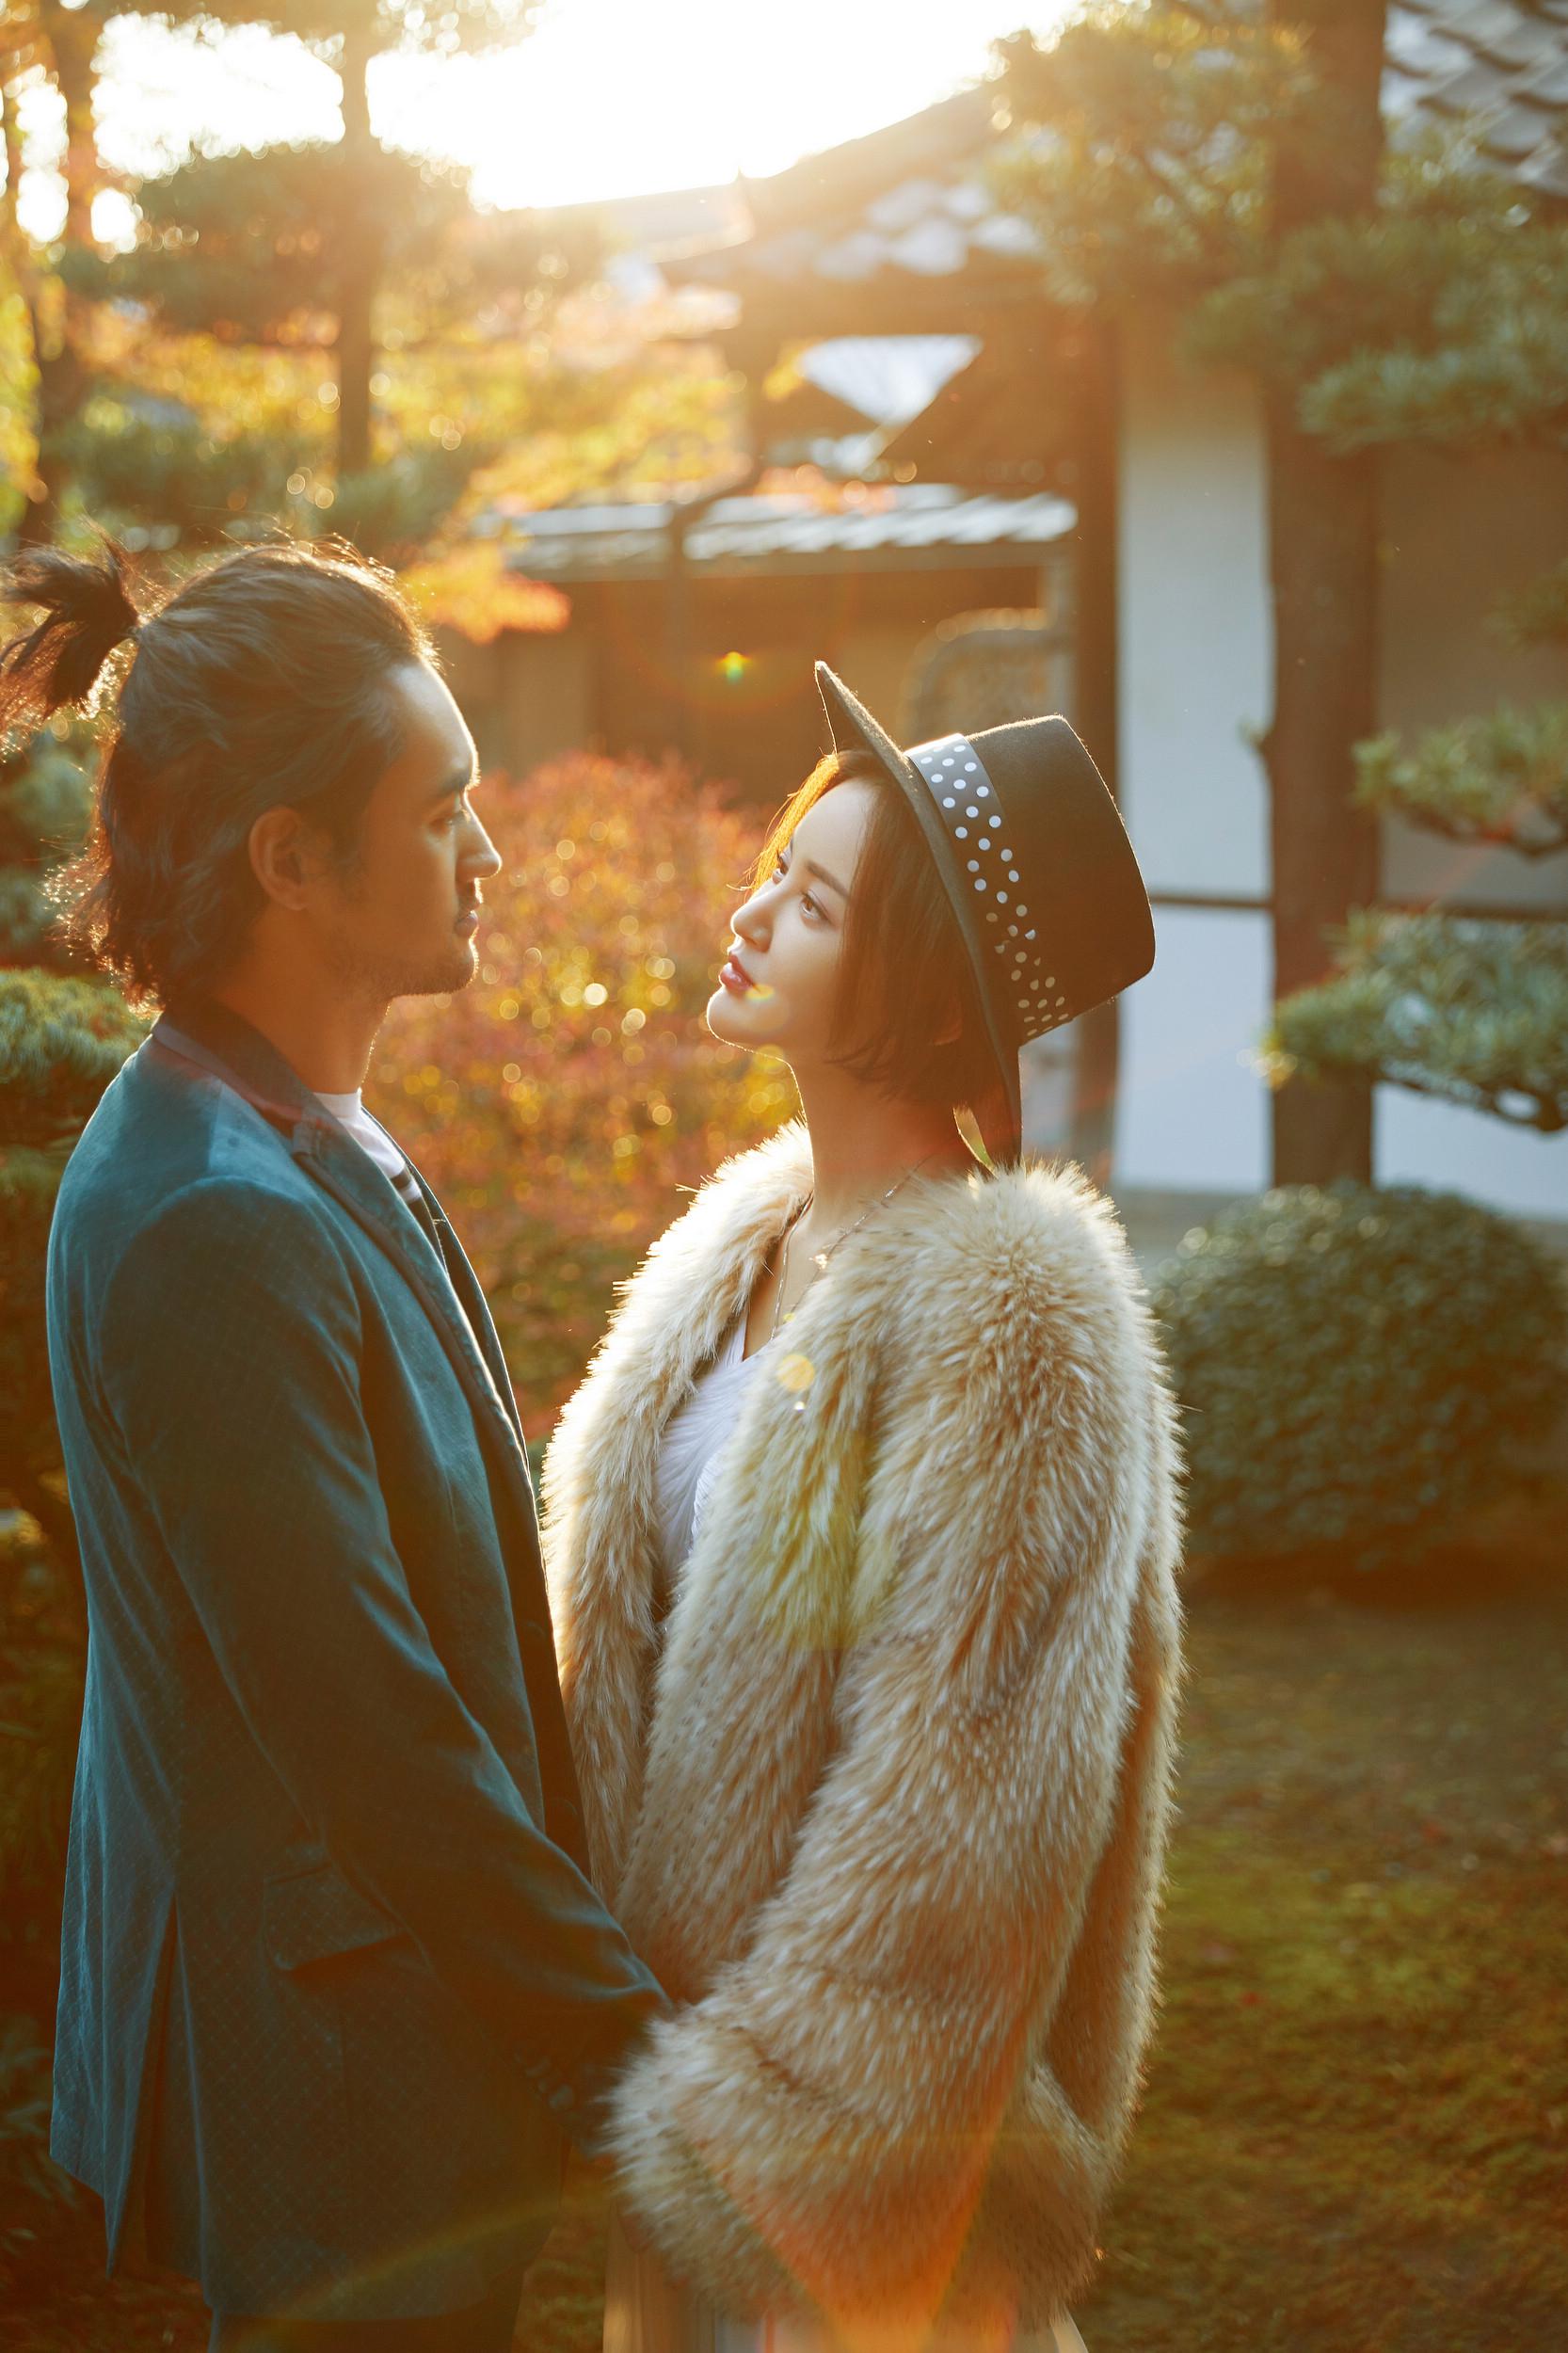 袁弘&张歆艺红心夫妇的神仙爱情,这组照片谁拍的